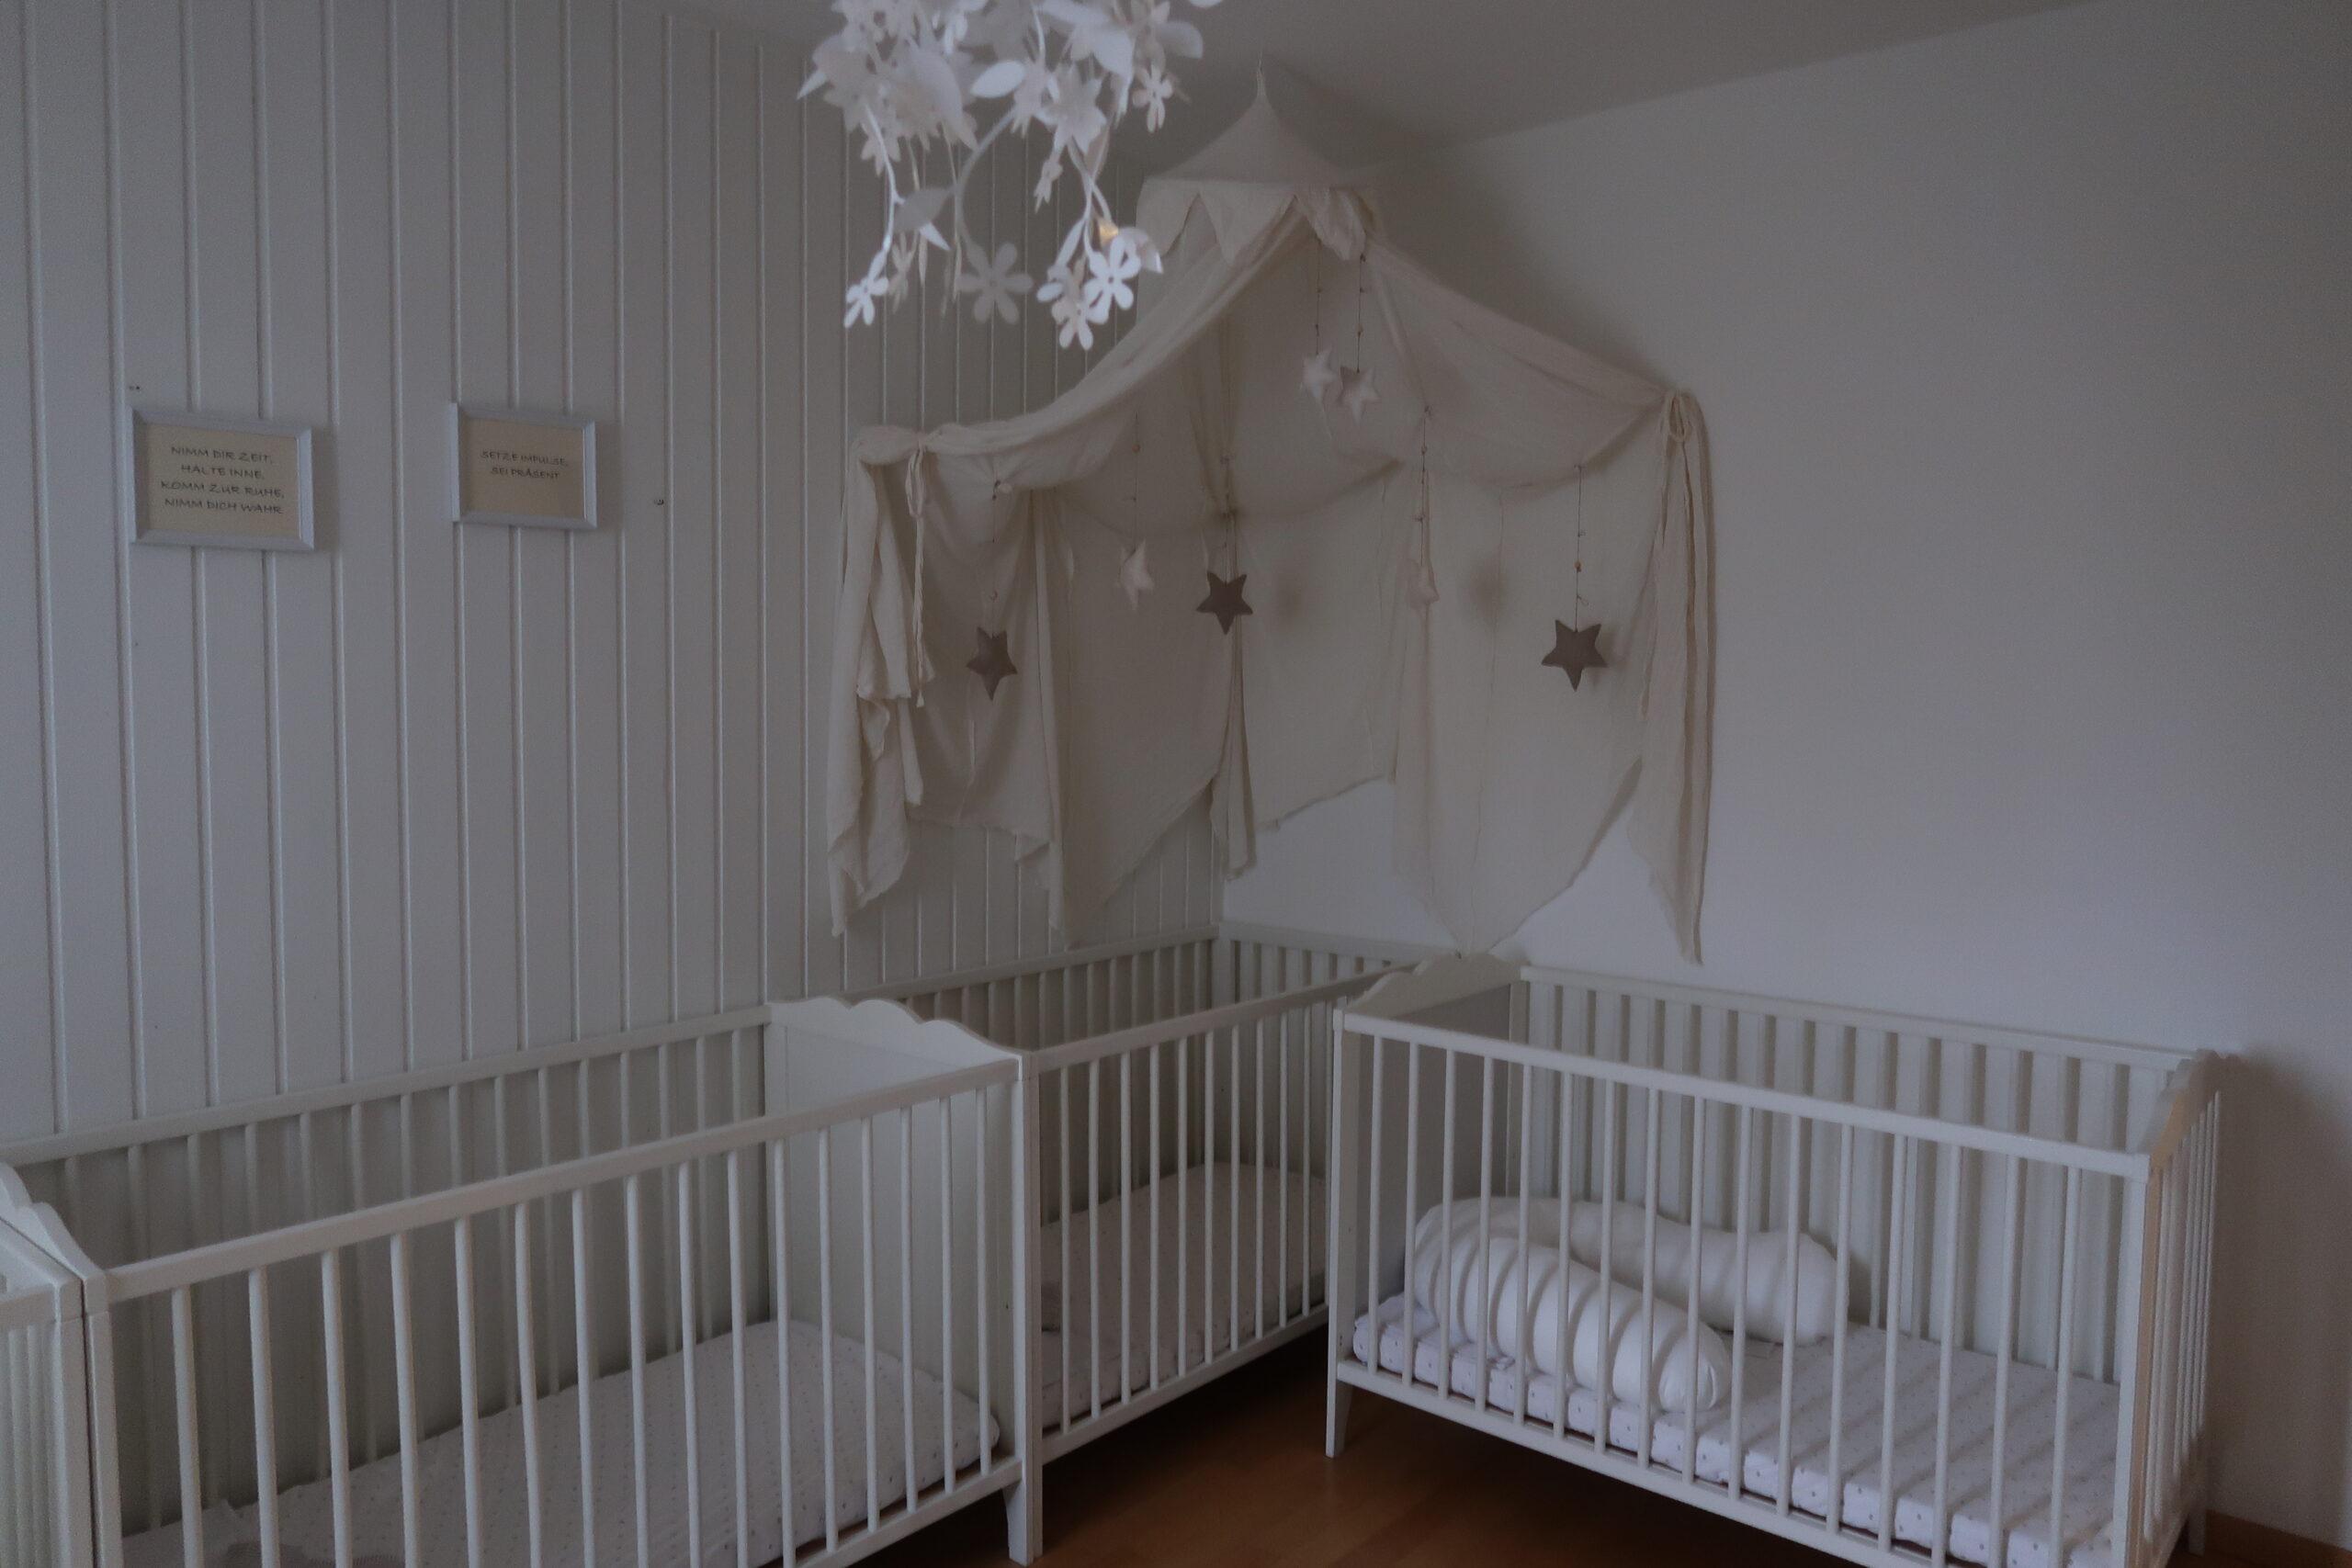 Räume für Säuglinge und Kleinkinder in der Momokita Möhlin